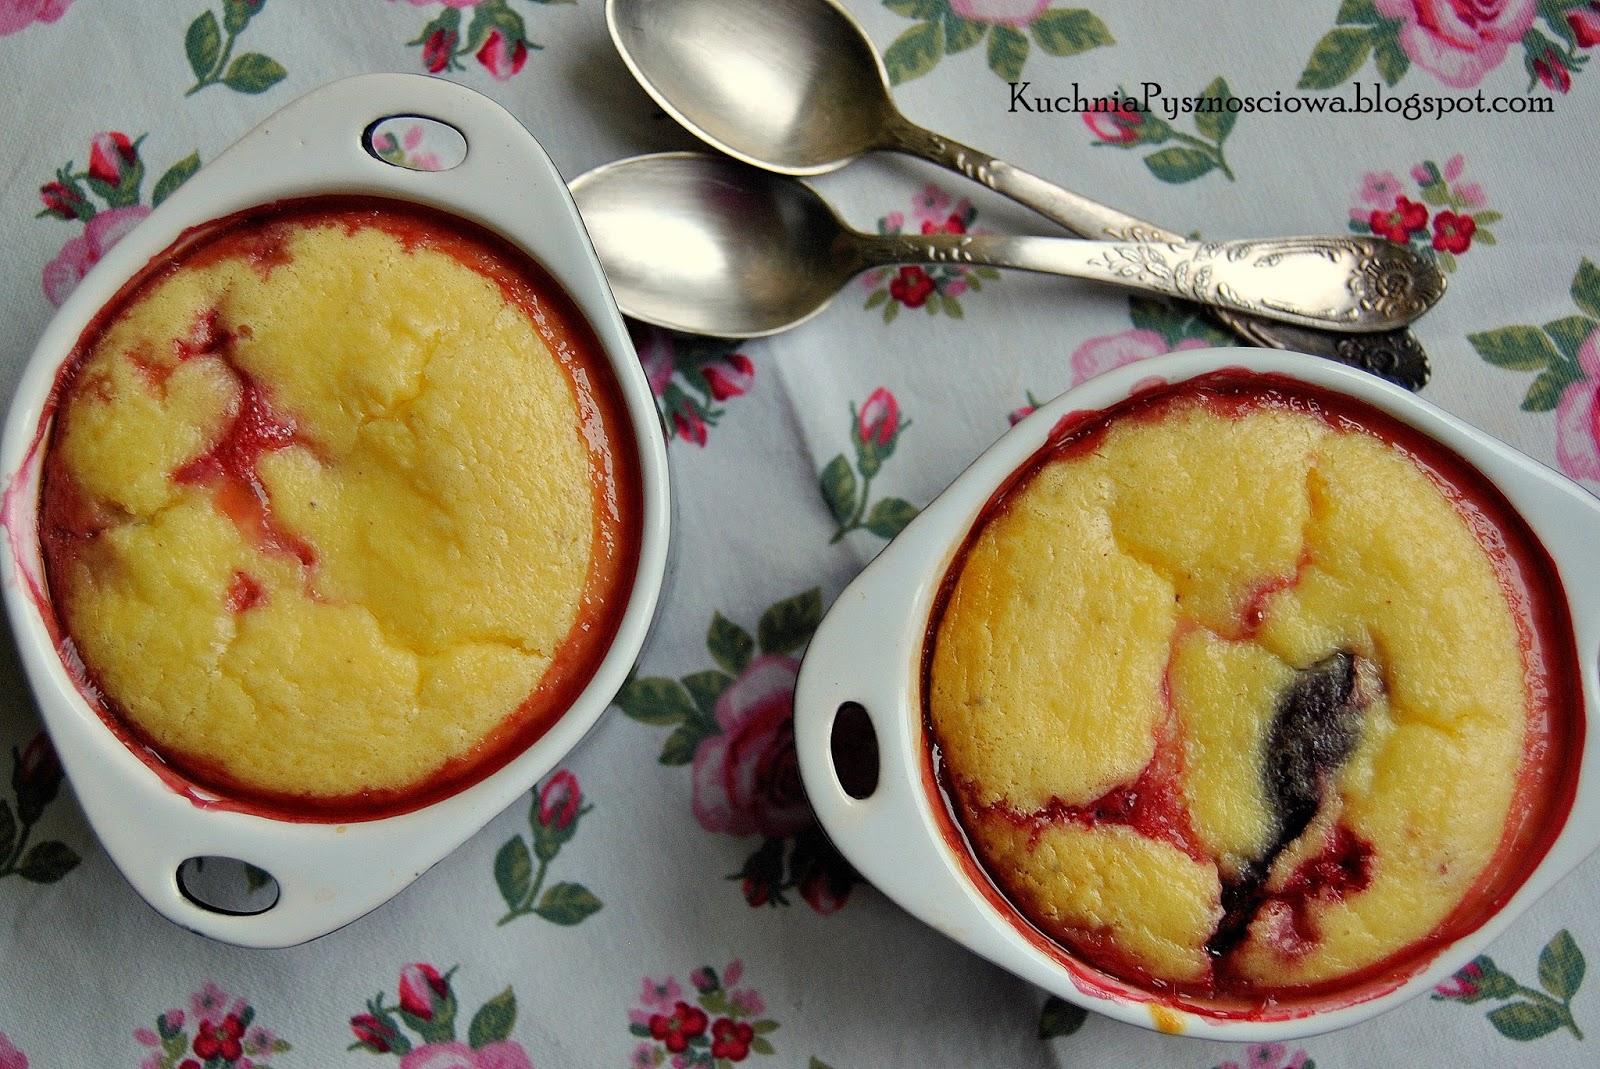 205. Zapiekana cynamonowa kasza manna z truskawkami i śliwkami, jako odchudzona wersja deseru lub śniadania